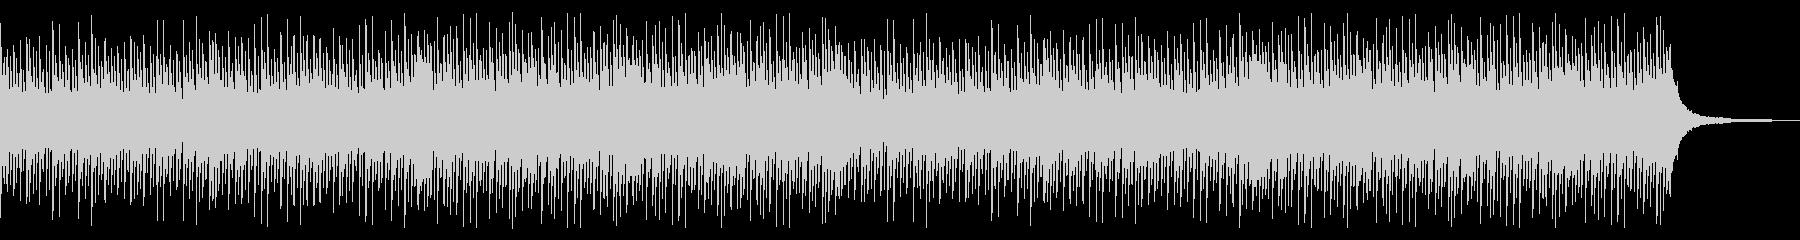 ベースなしver 切ない ピアノ ギターの未再生の波形